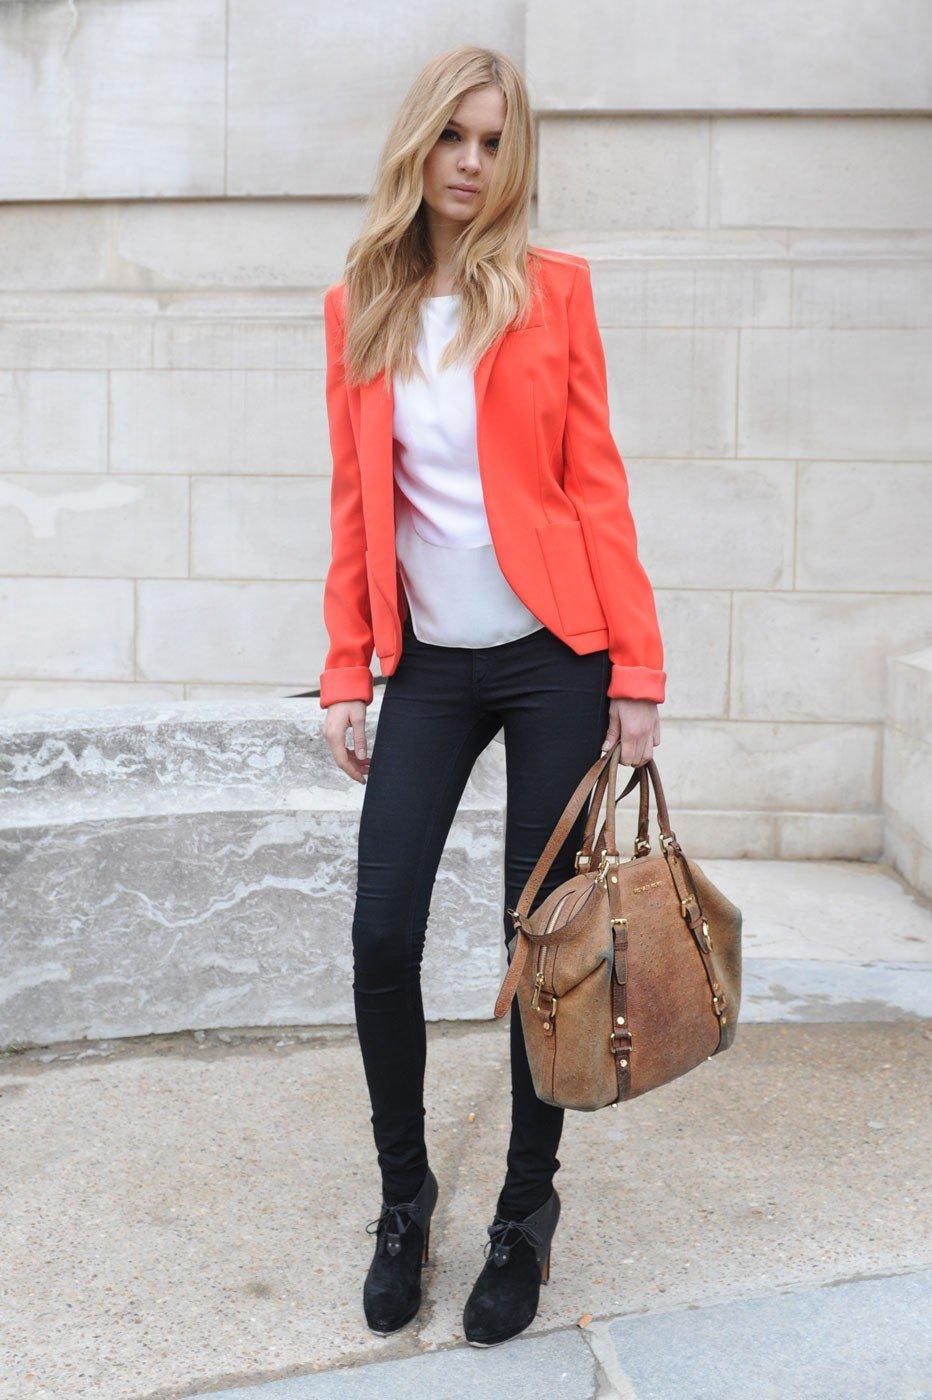 модные образы весна 2019: алый пиджак и темные джинсы для блондинки